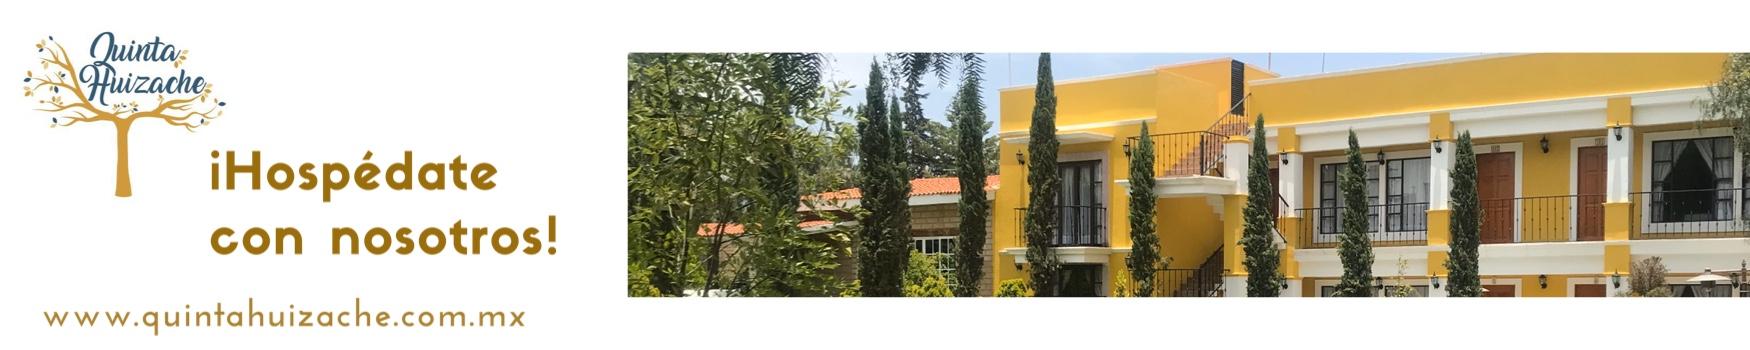 Hotel Quinta Huizache